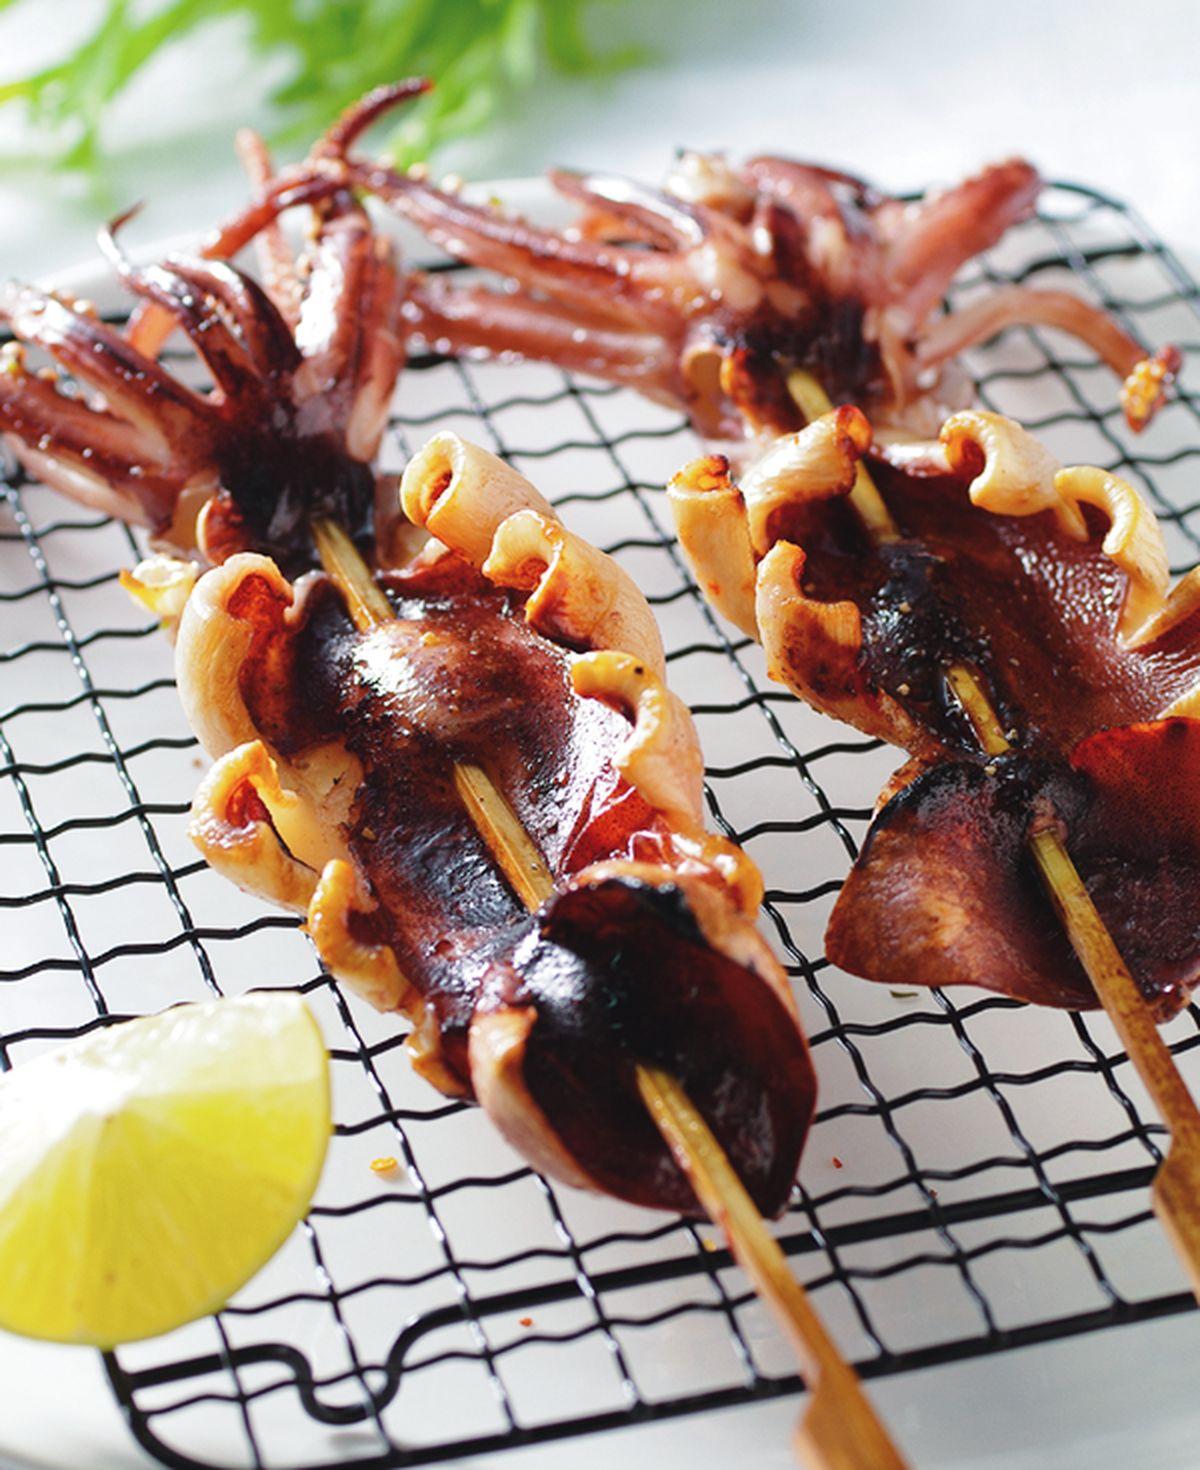 食譜:胡椒烤魷魚